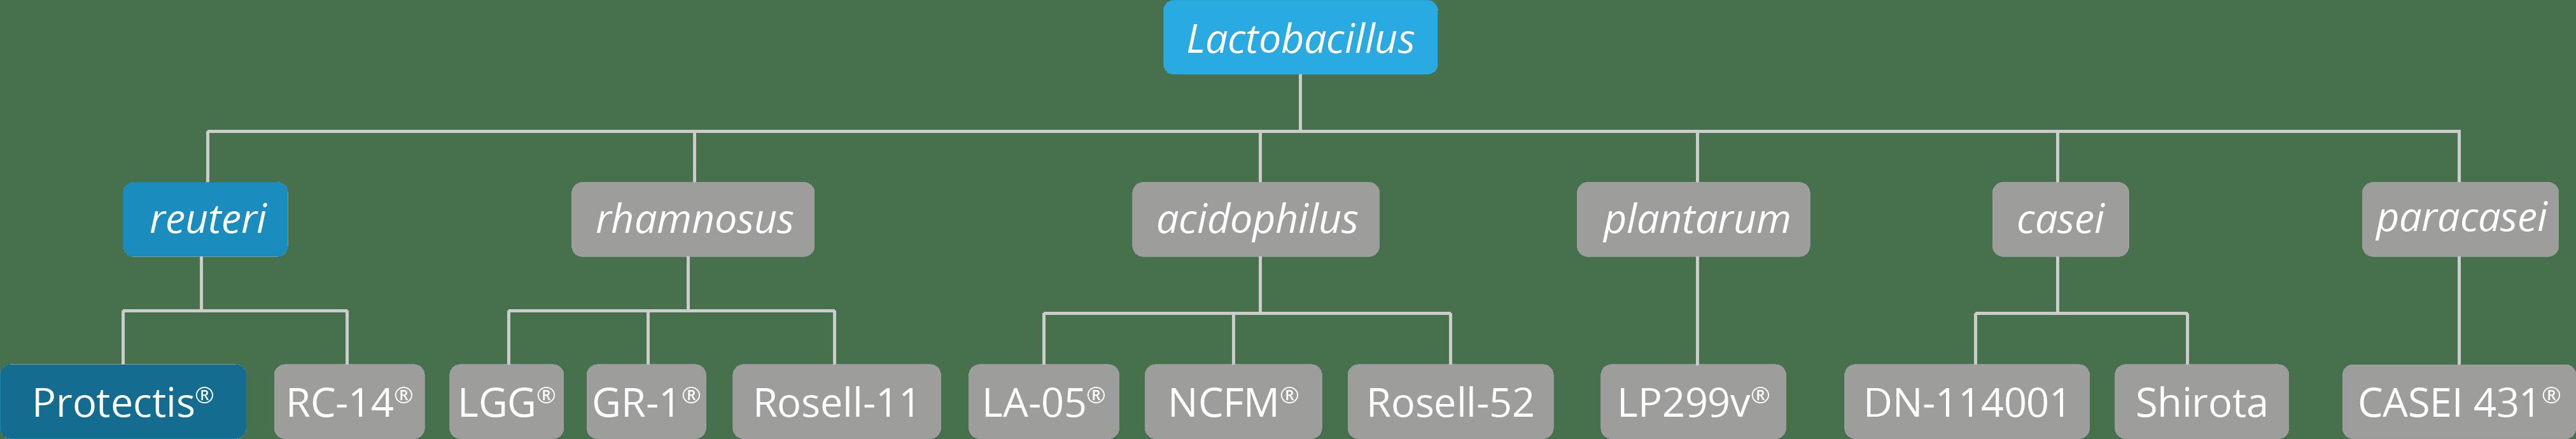 genus, sepcies & strain chart